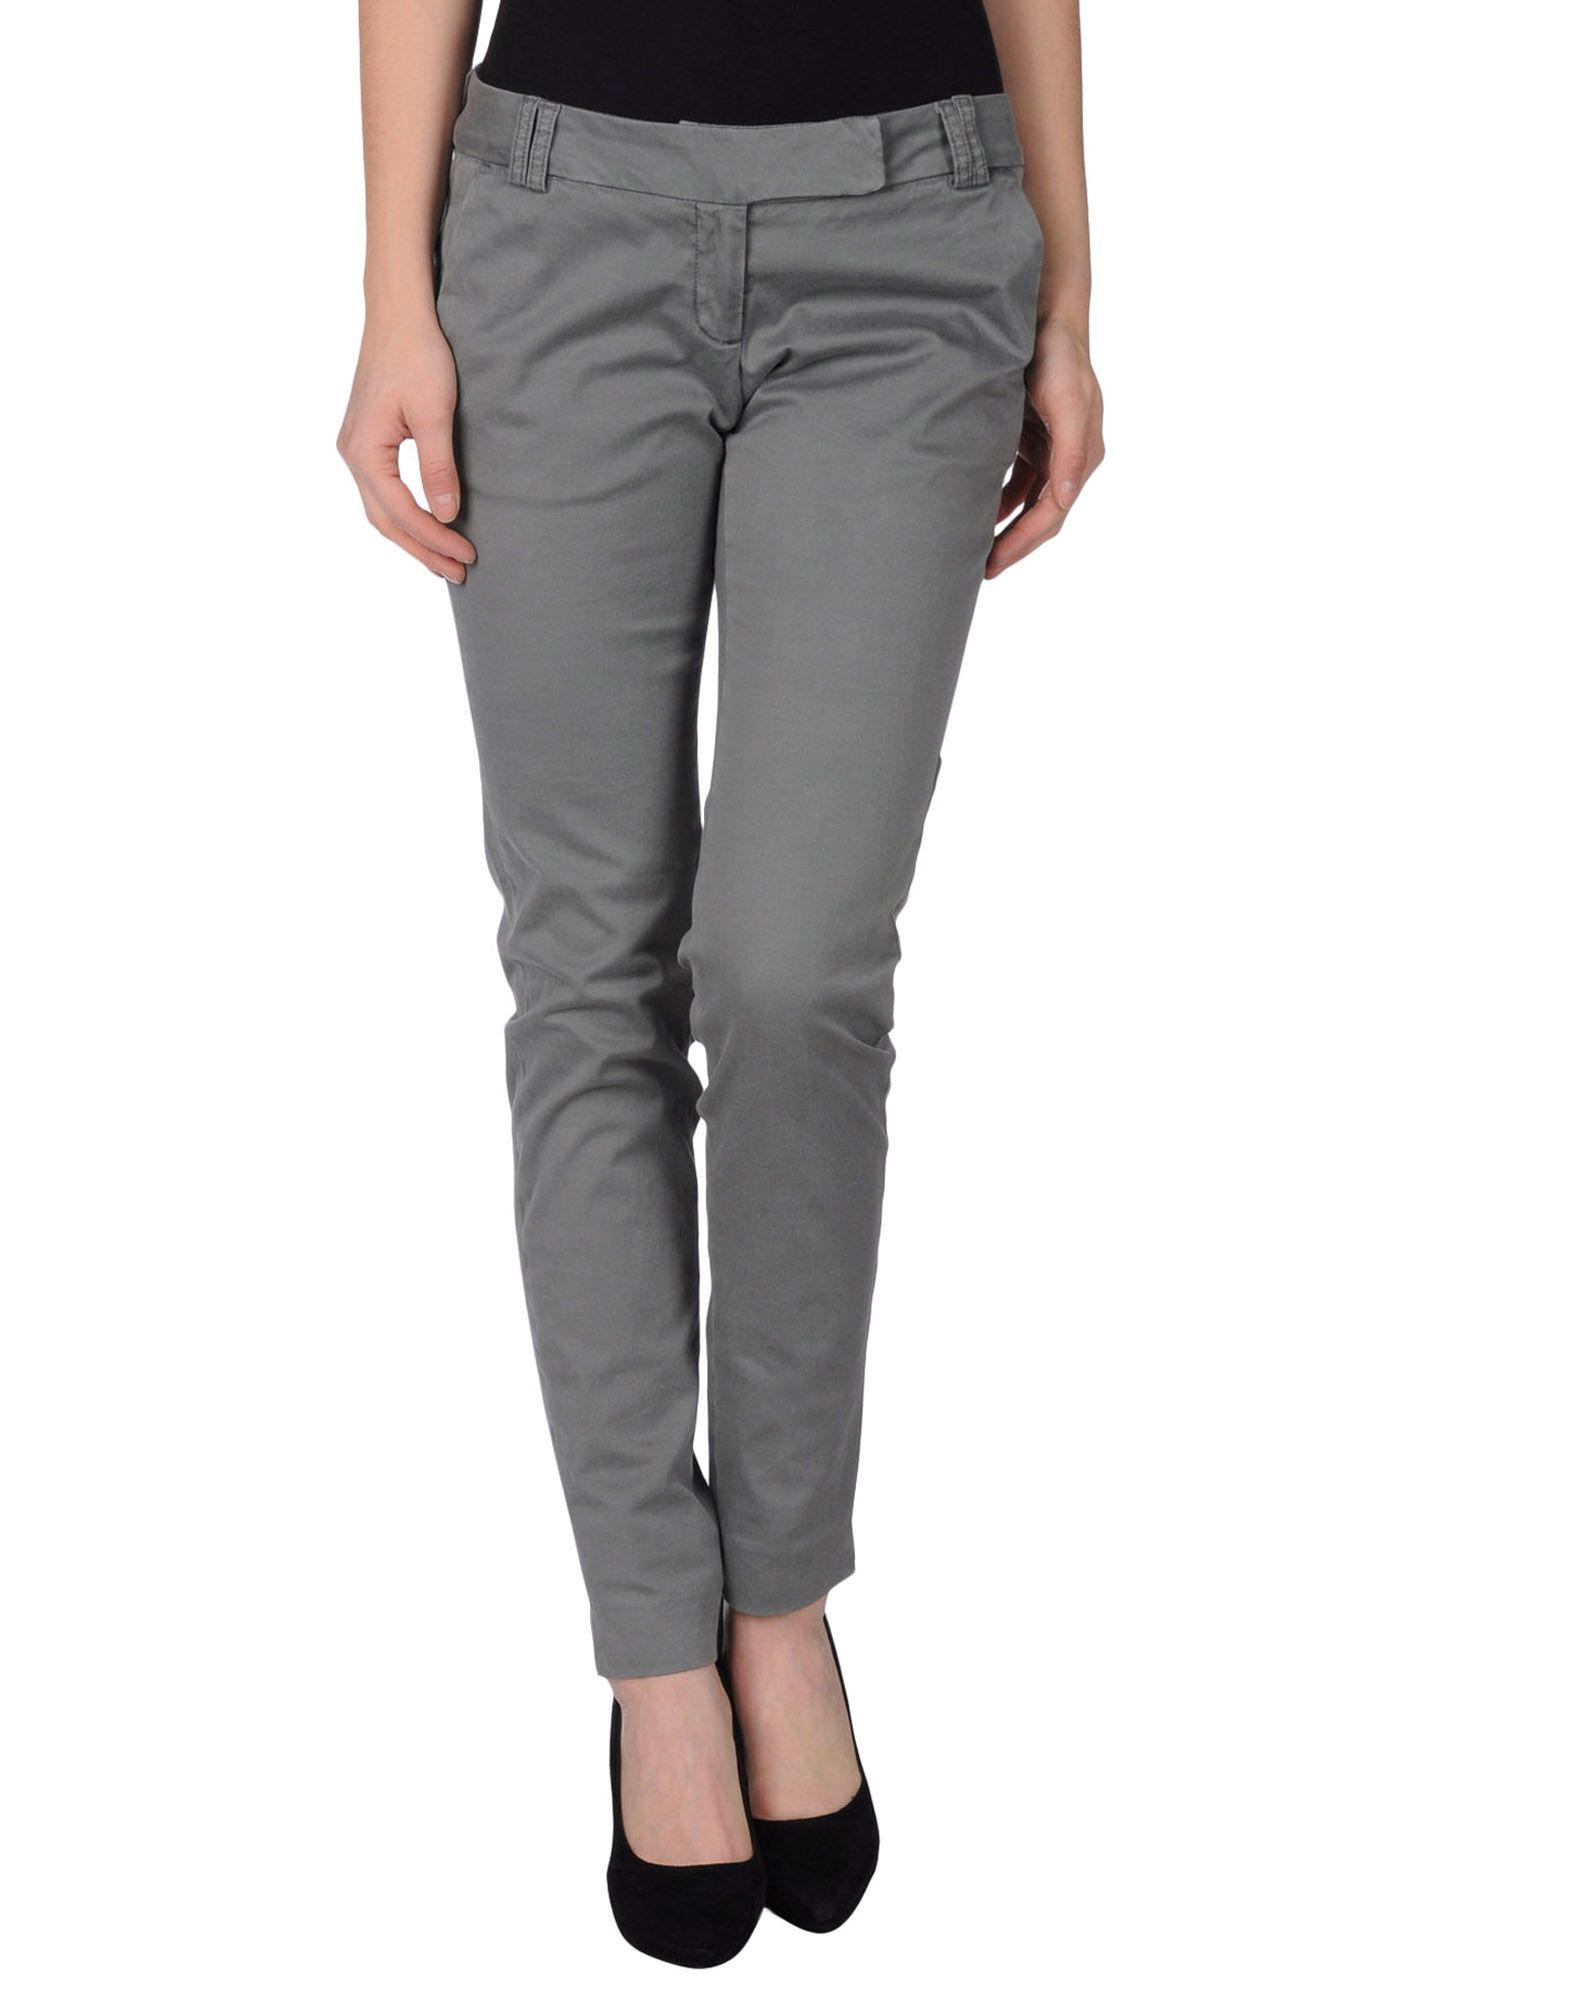 Compra las últimas tendencias en Pantalones de Mujer: Tobilleros, Deportivos y Leggings de Mujer. Descubre la selección de Pantalones de pierna ancha, Pantalones Tobilleros de UNIQLO.